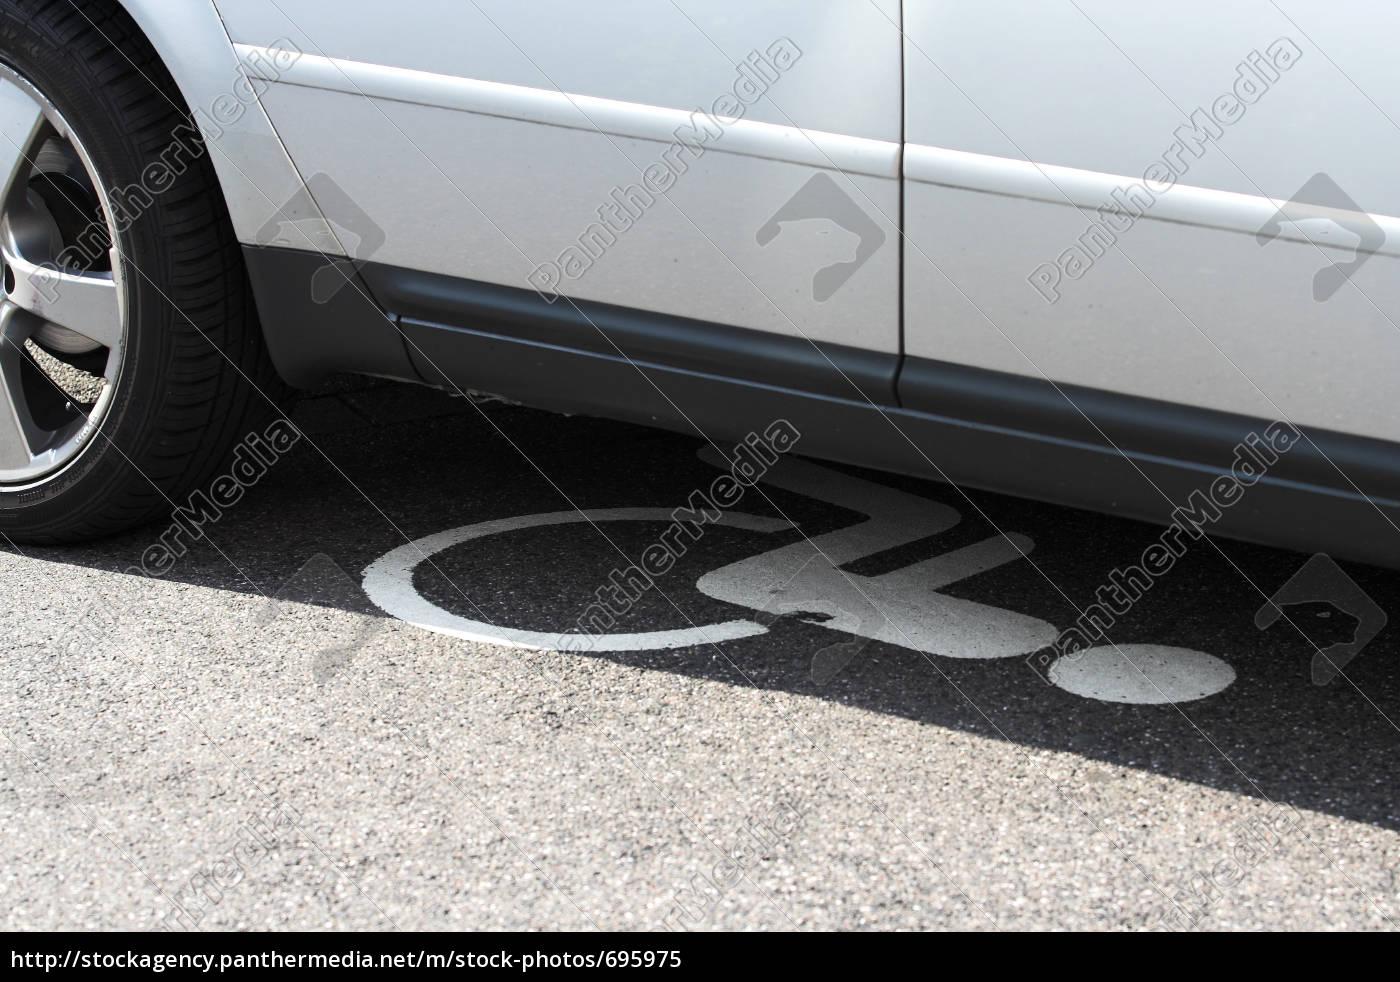 parking, spot - 695975